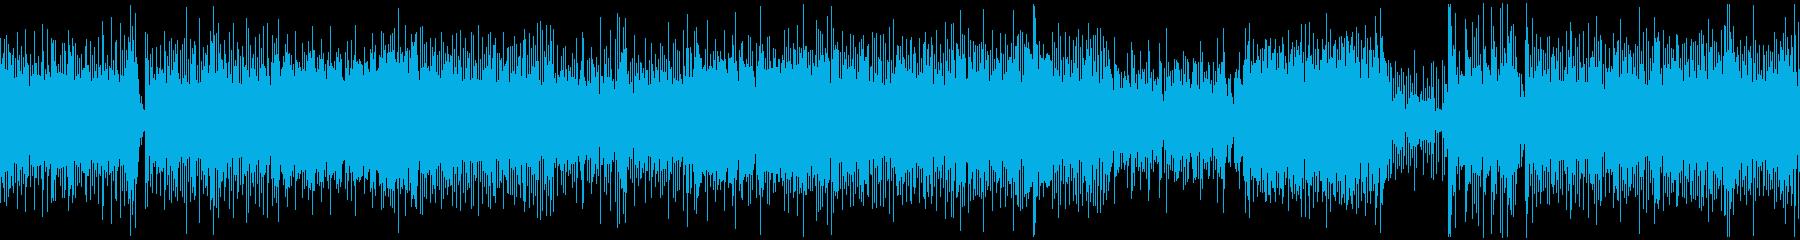 和風、三味線メタル2、激しい(声入り)Dの再生済みの波形